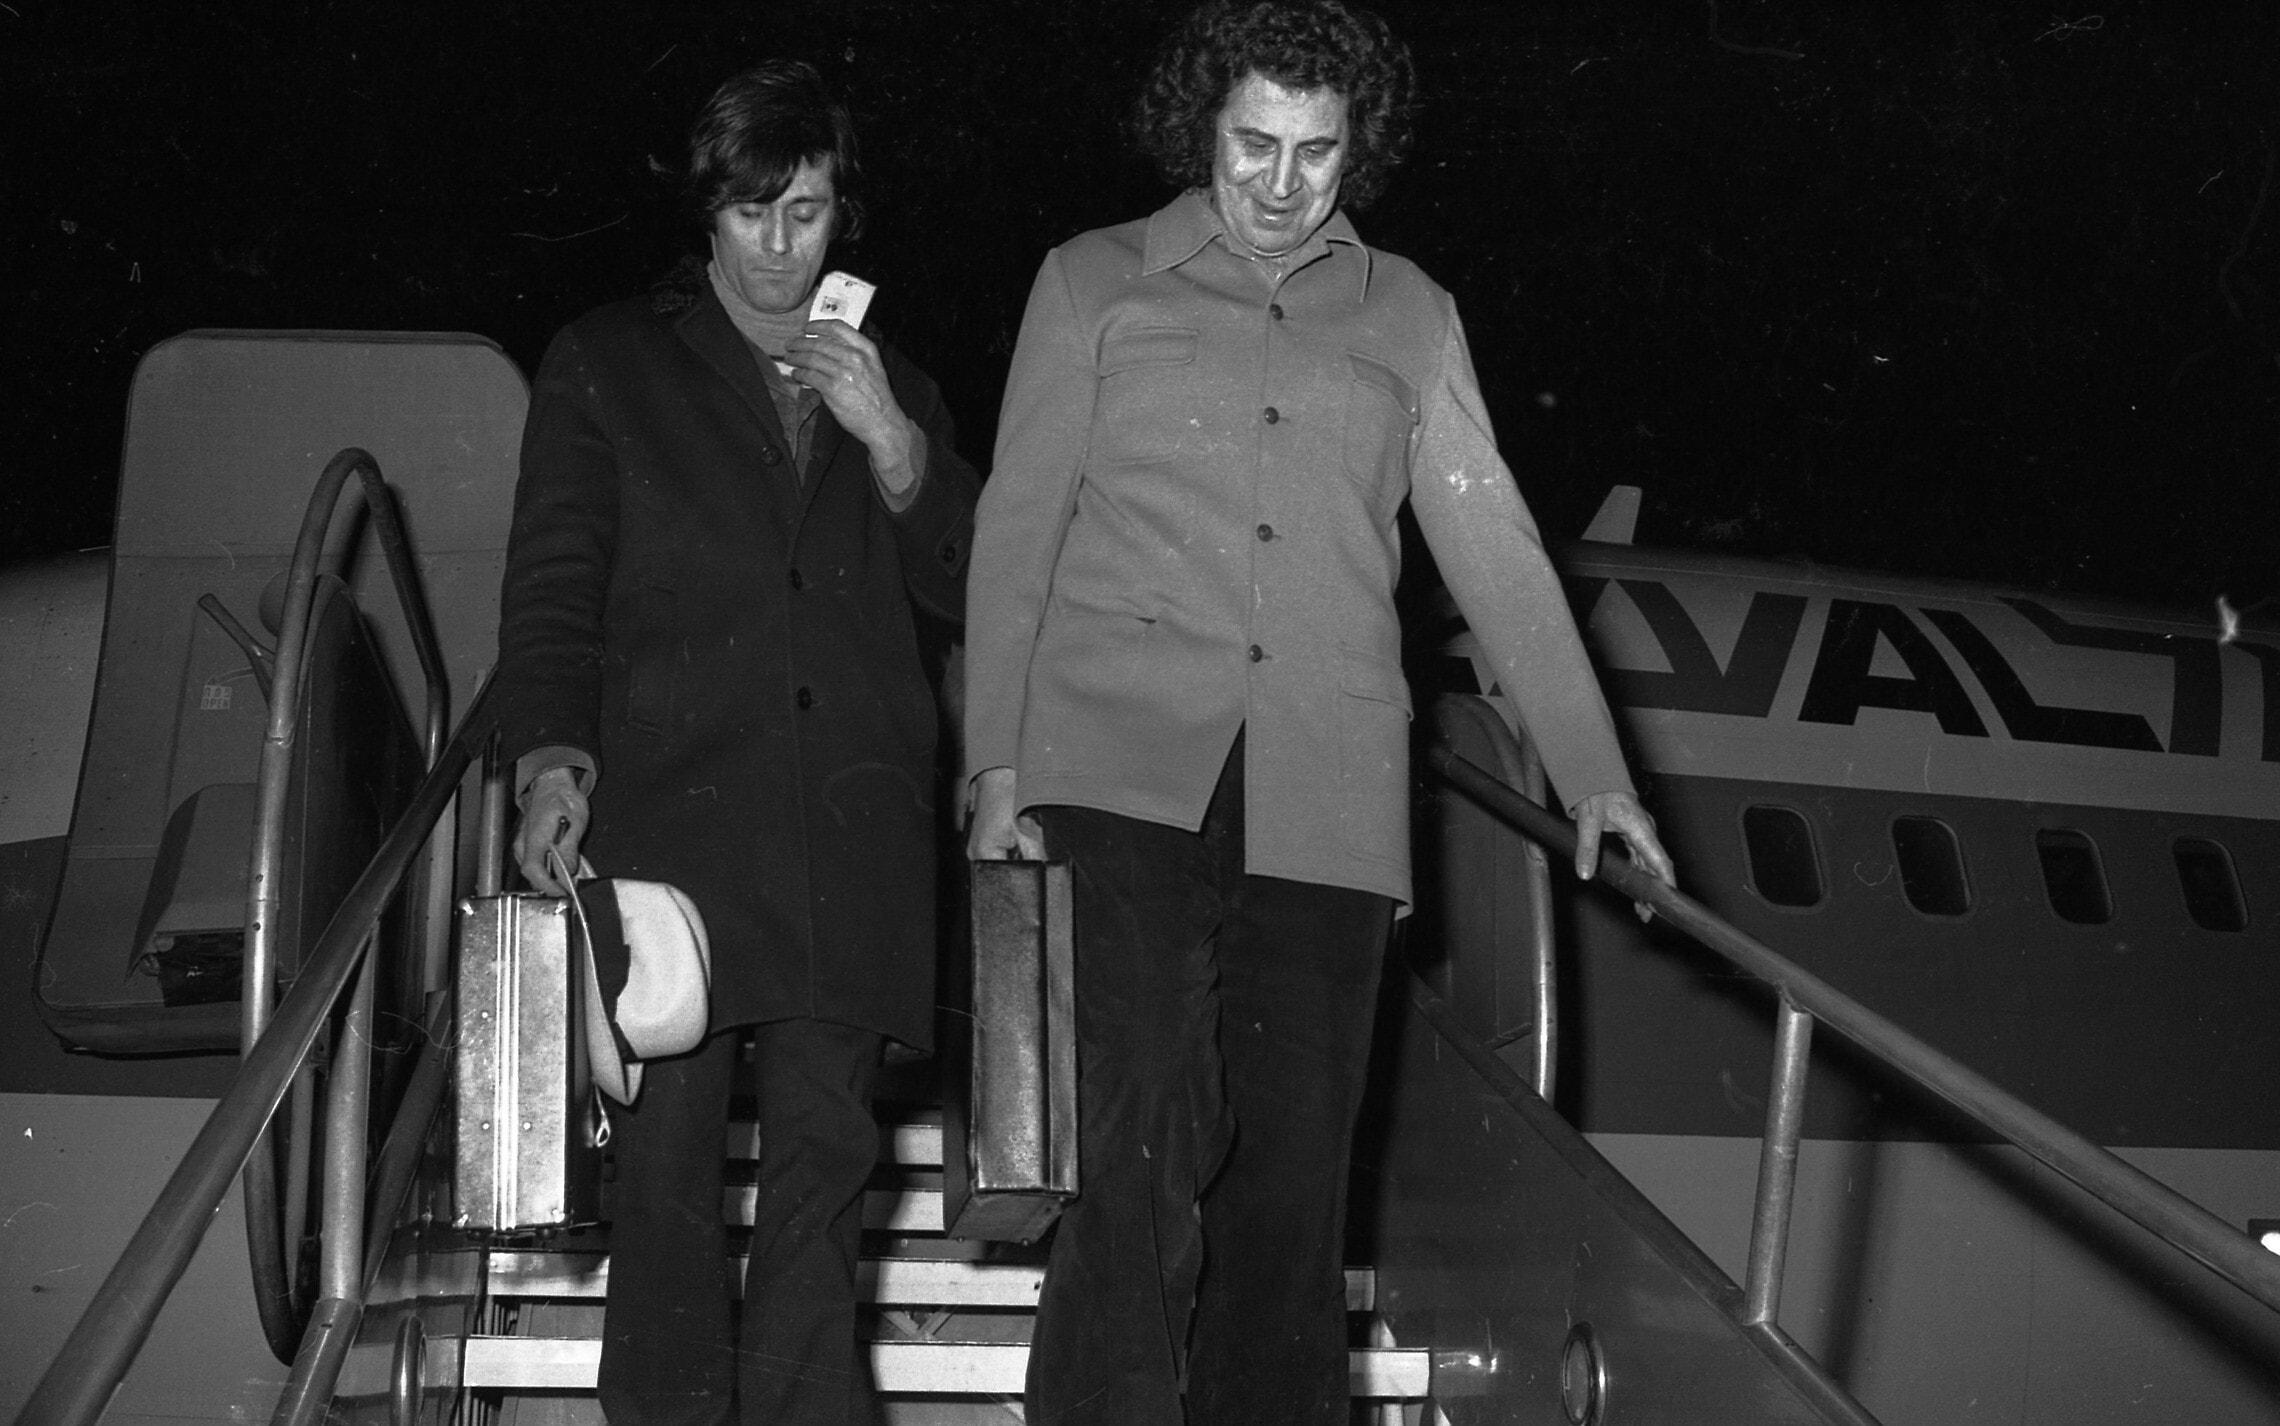 מיקיס תיאודוריקיס יורד ממטוס אל-על בנמל התעופה בן גוריון בעת ביקורו בישראל ב-1973 (צילום: אוסף דן הדני, הספרייה הלאומית)